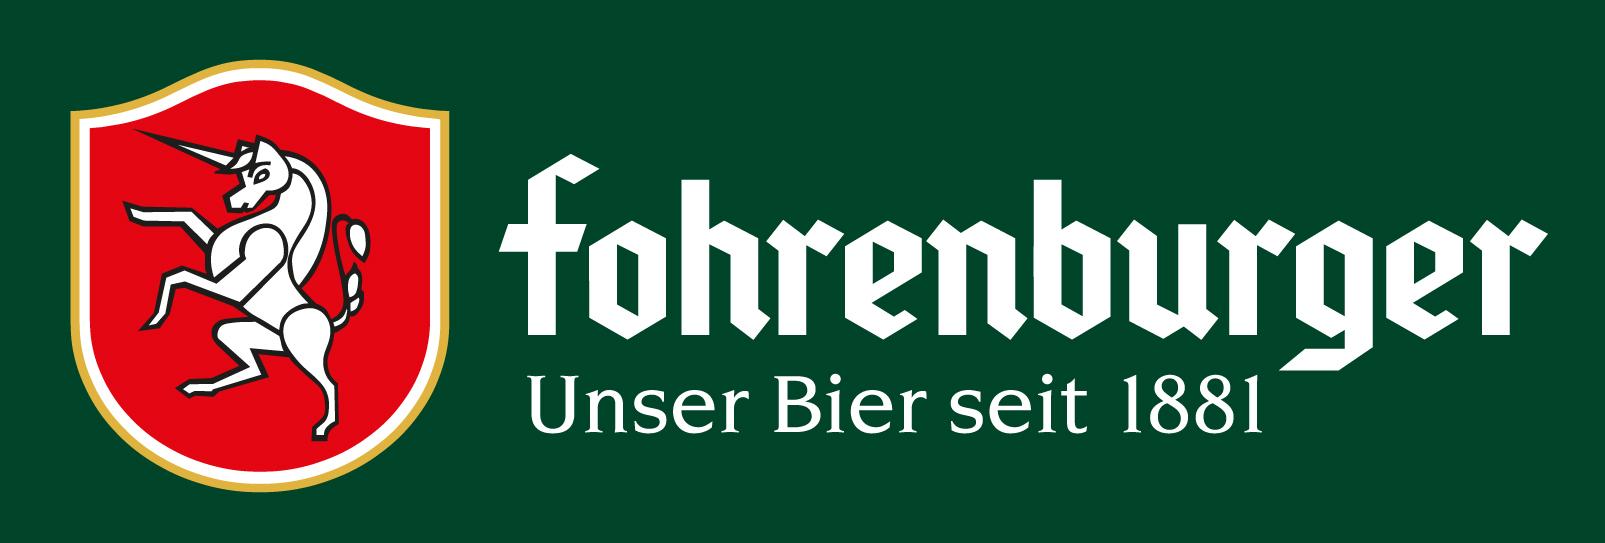 FOH_Logo_sponsorleiste